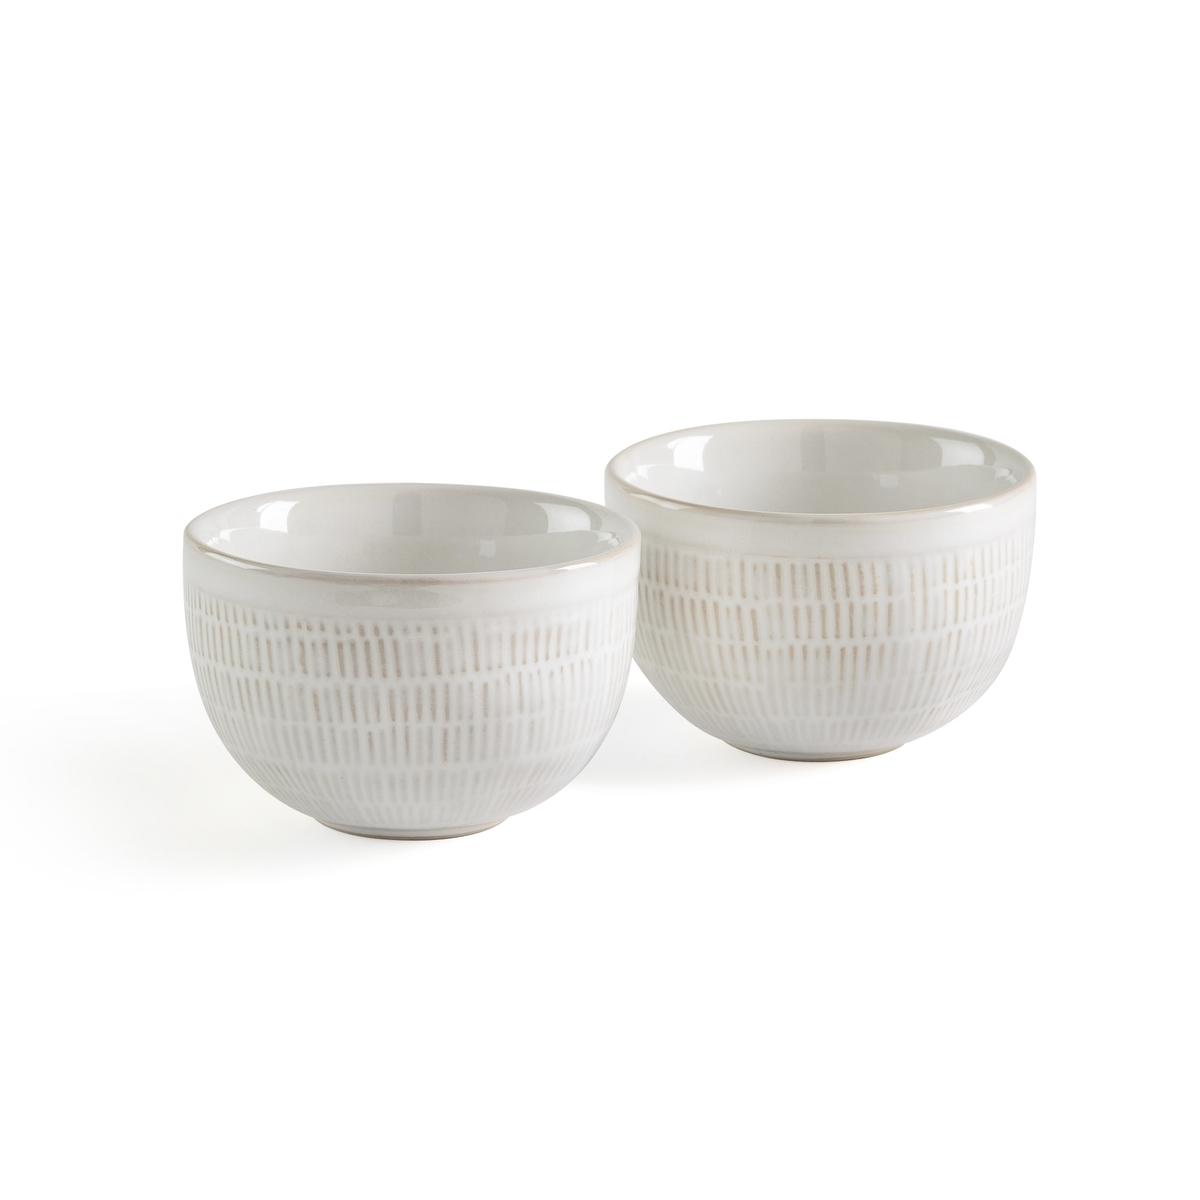 Чашка эмалированная LOKJI (2 шт.)Описание:Комплект из 2 чашек La Redoute Interieurs : текстурный узор с эмалированной отделкой для создания стиля былых времен на столе.Характеристики чашек •  Камень с отделкой разноцветной эмалью •  Блестящая отделкаРазмеры чашек •  Диаметр 8 см •  Высота 5,5 смВсю коллекцию столового декора вы найдете на сайте la redoute.<br><br>Цвет: белый